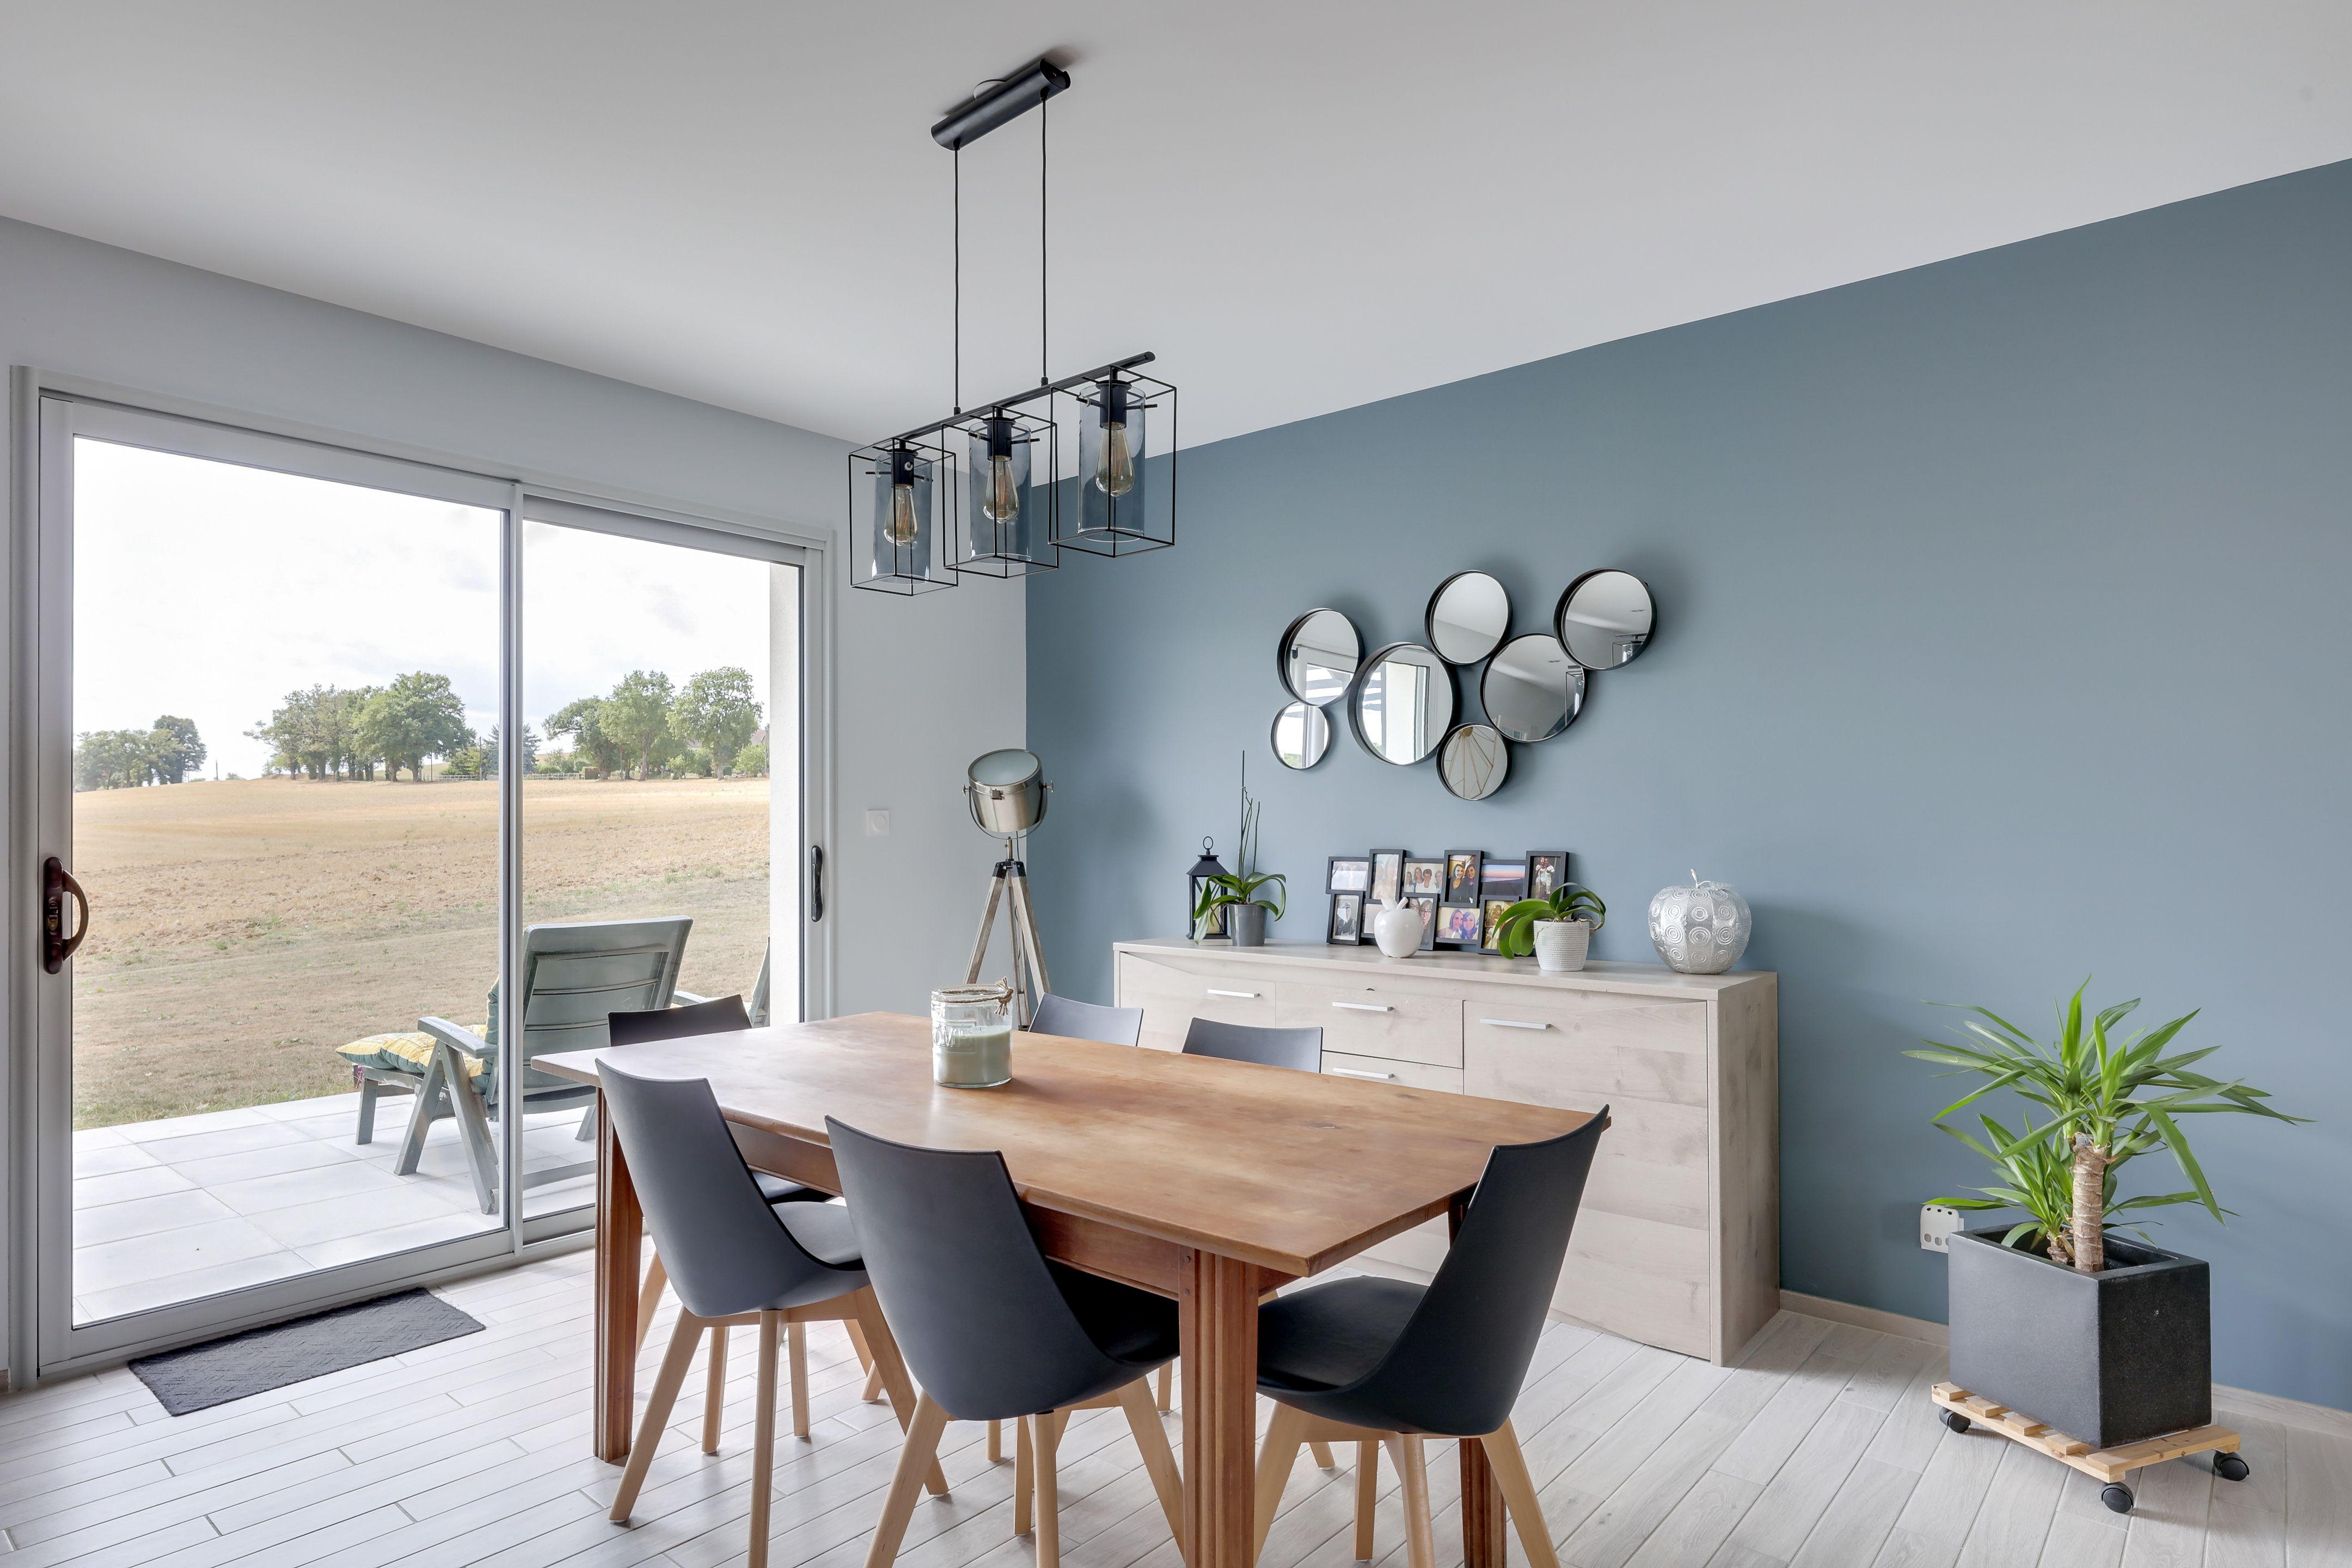 Un beau bleu-gris au mur de cette pièce à vivre!  Peinture